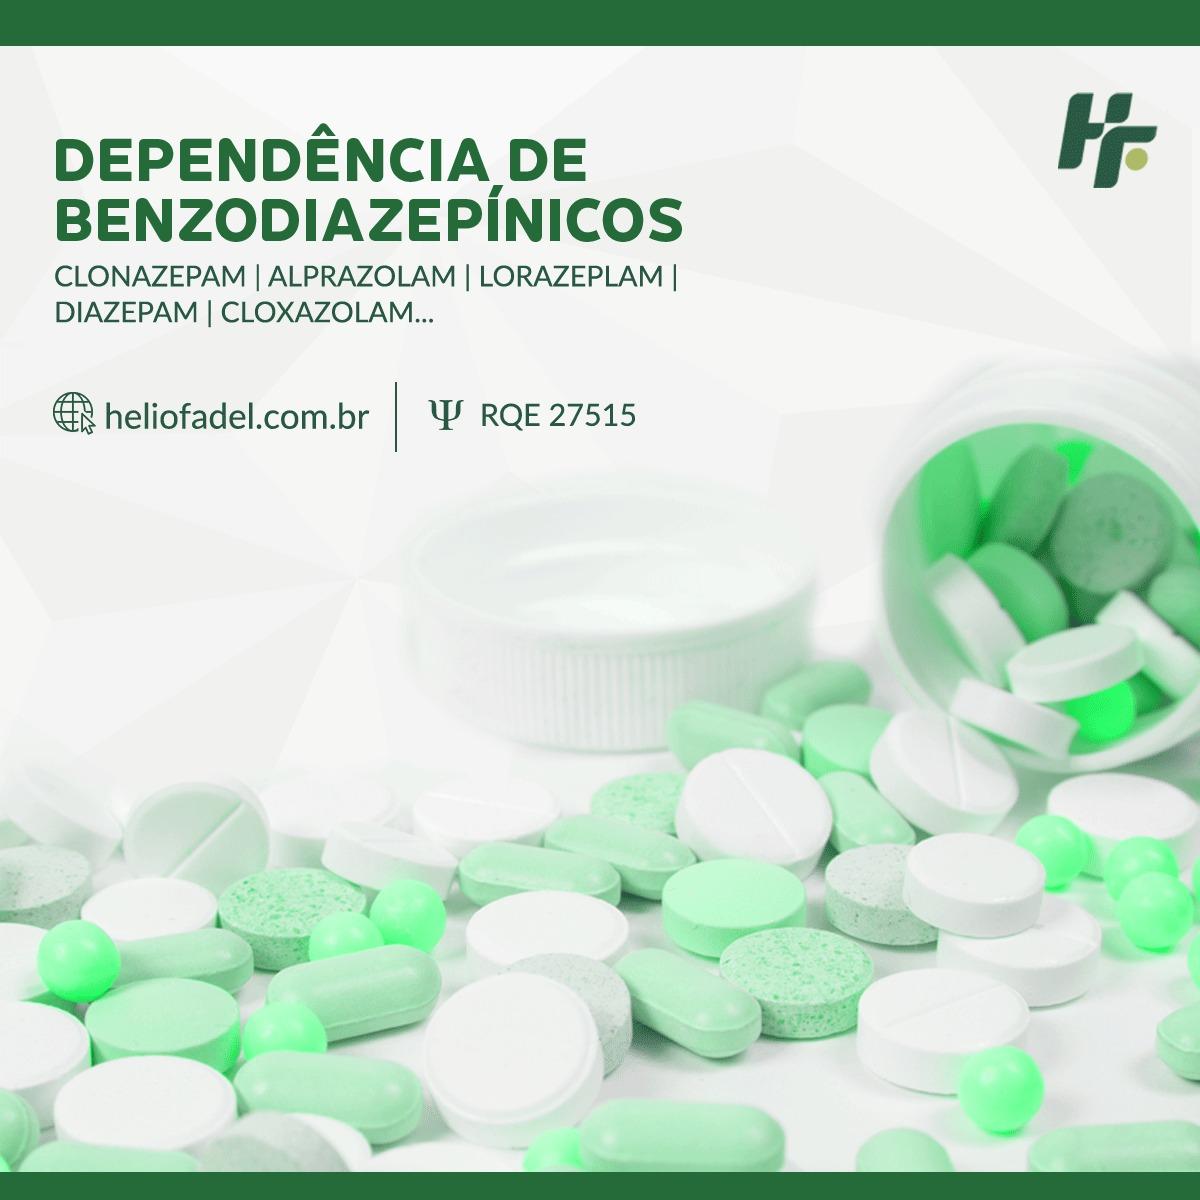 dependência de benzodiazepinicos